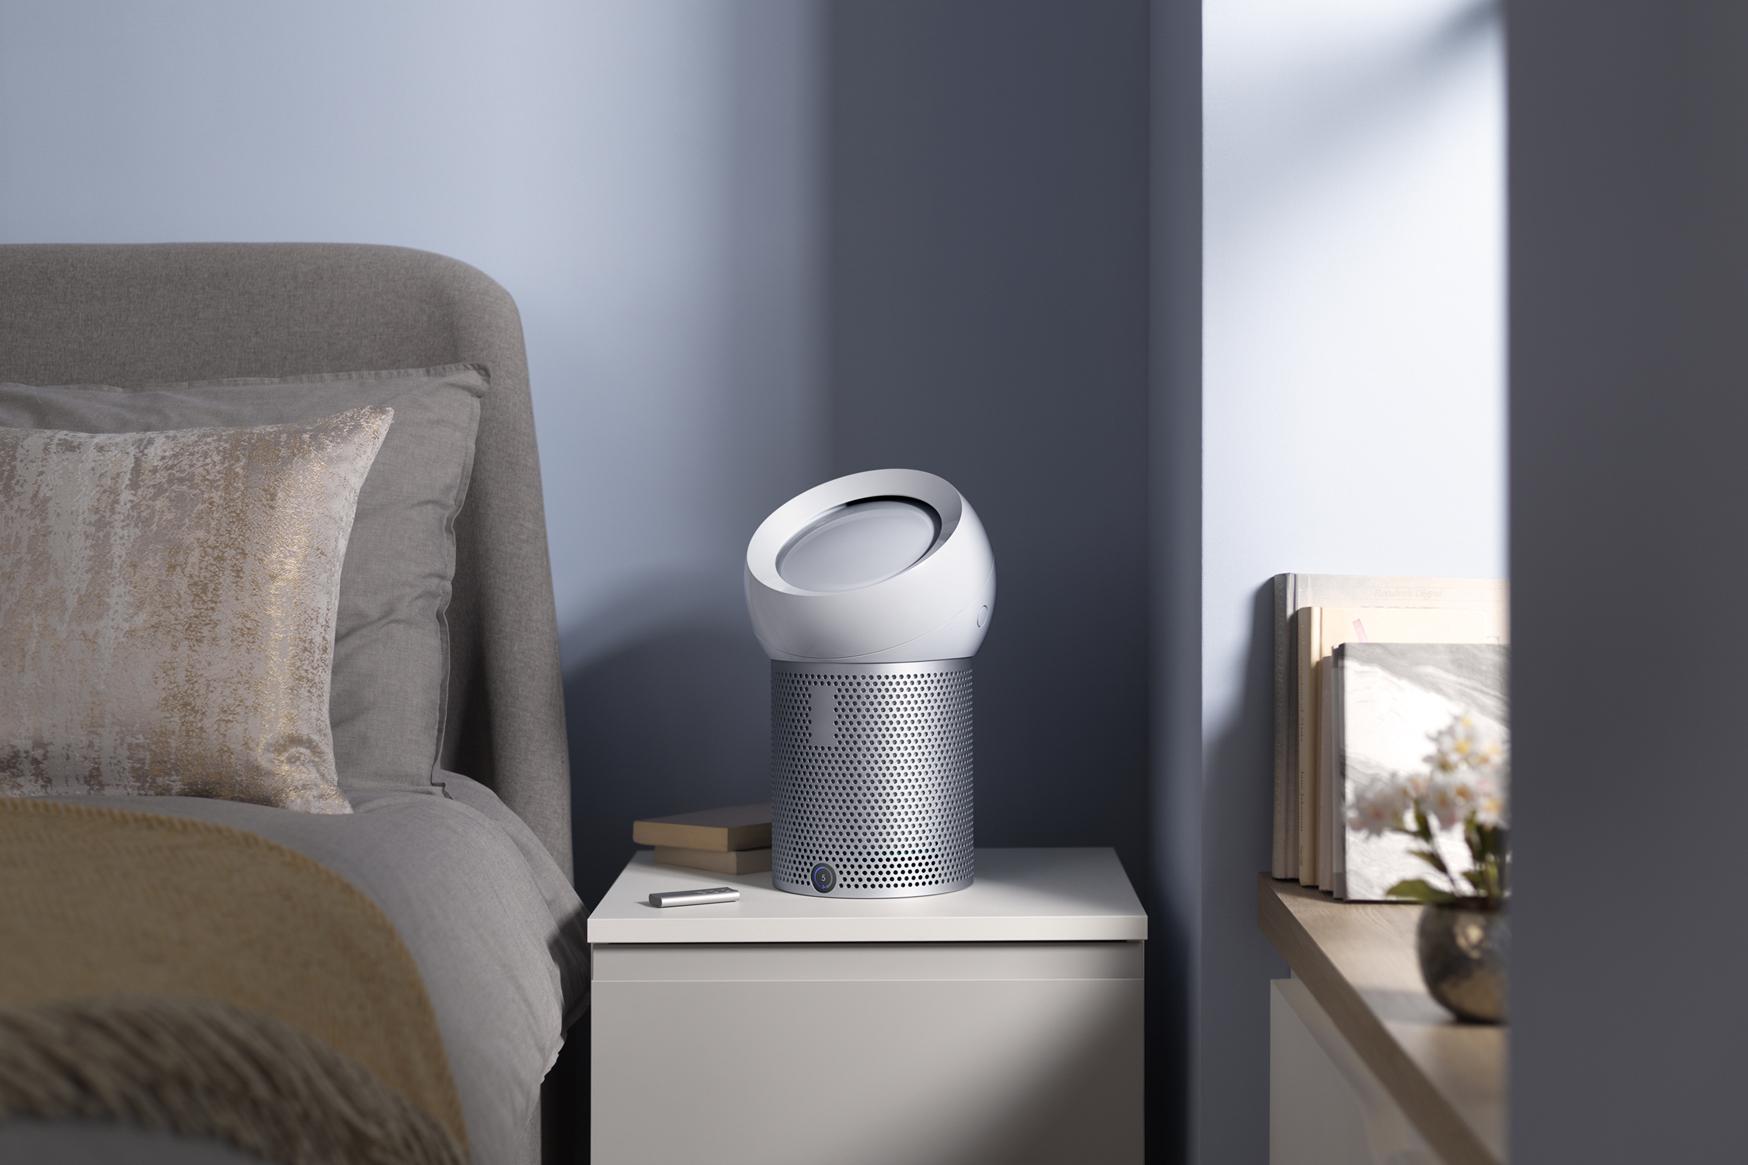 个人专属-Dyson 发表全新空气净化风扇 Pure Cool Me™